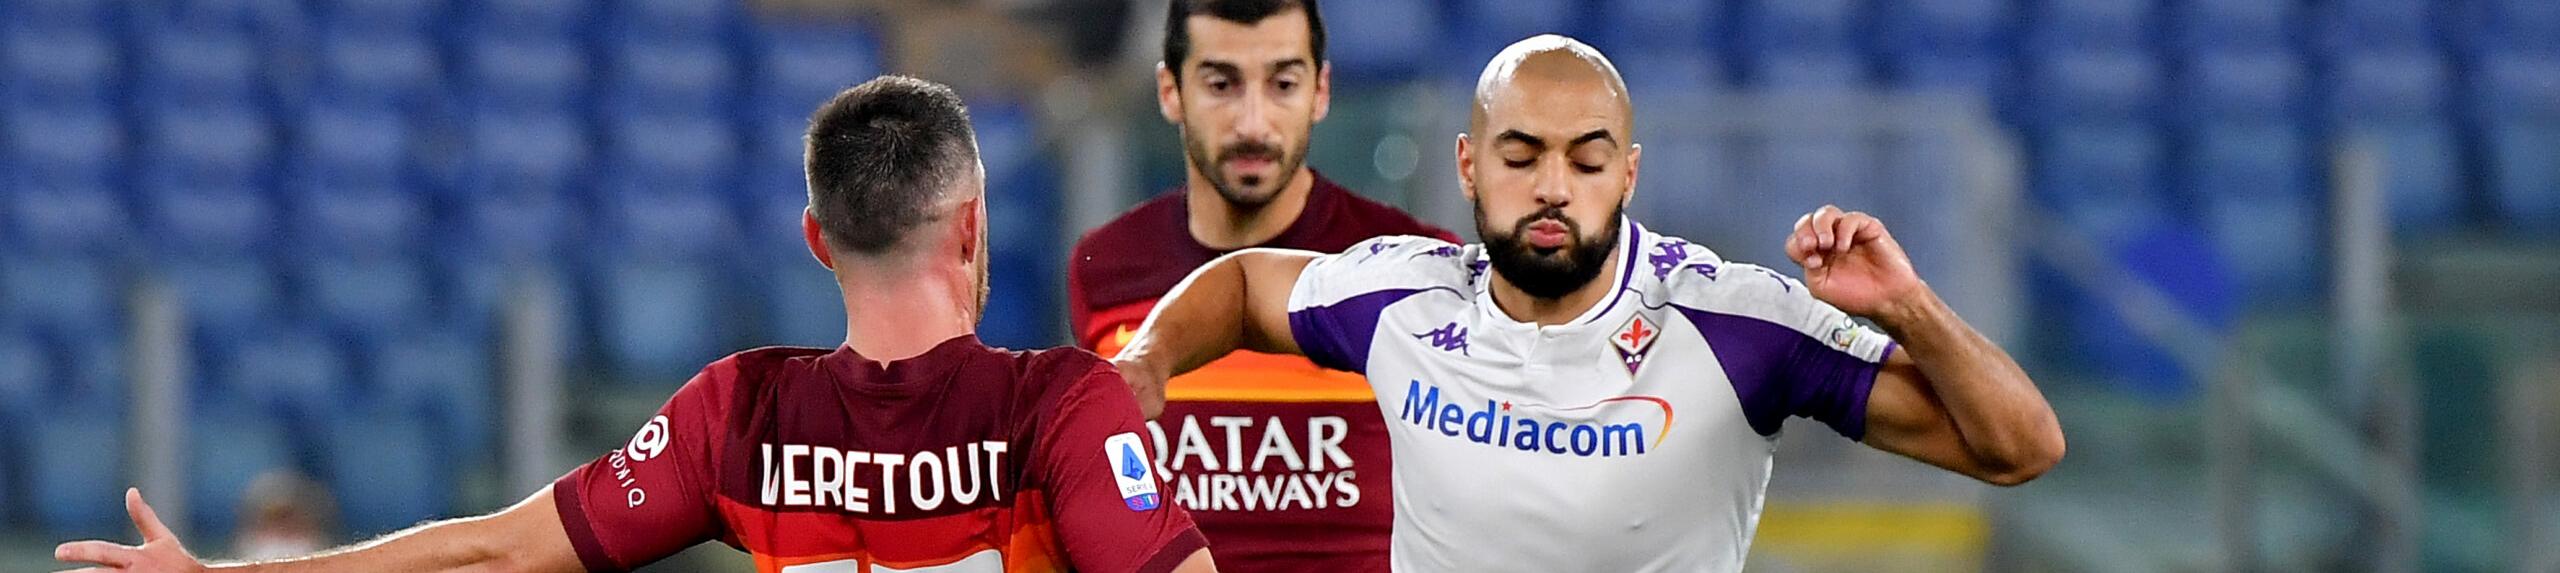 Fiorentina-Roma, 90 minuti per rialzare la testa